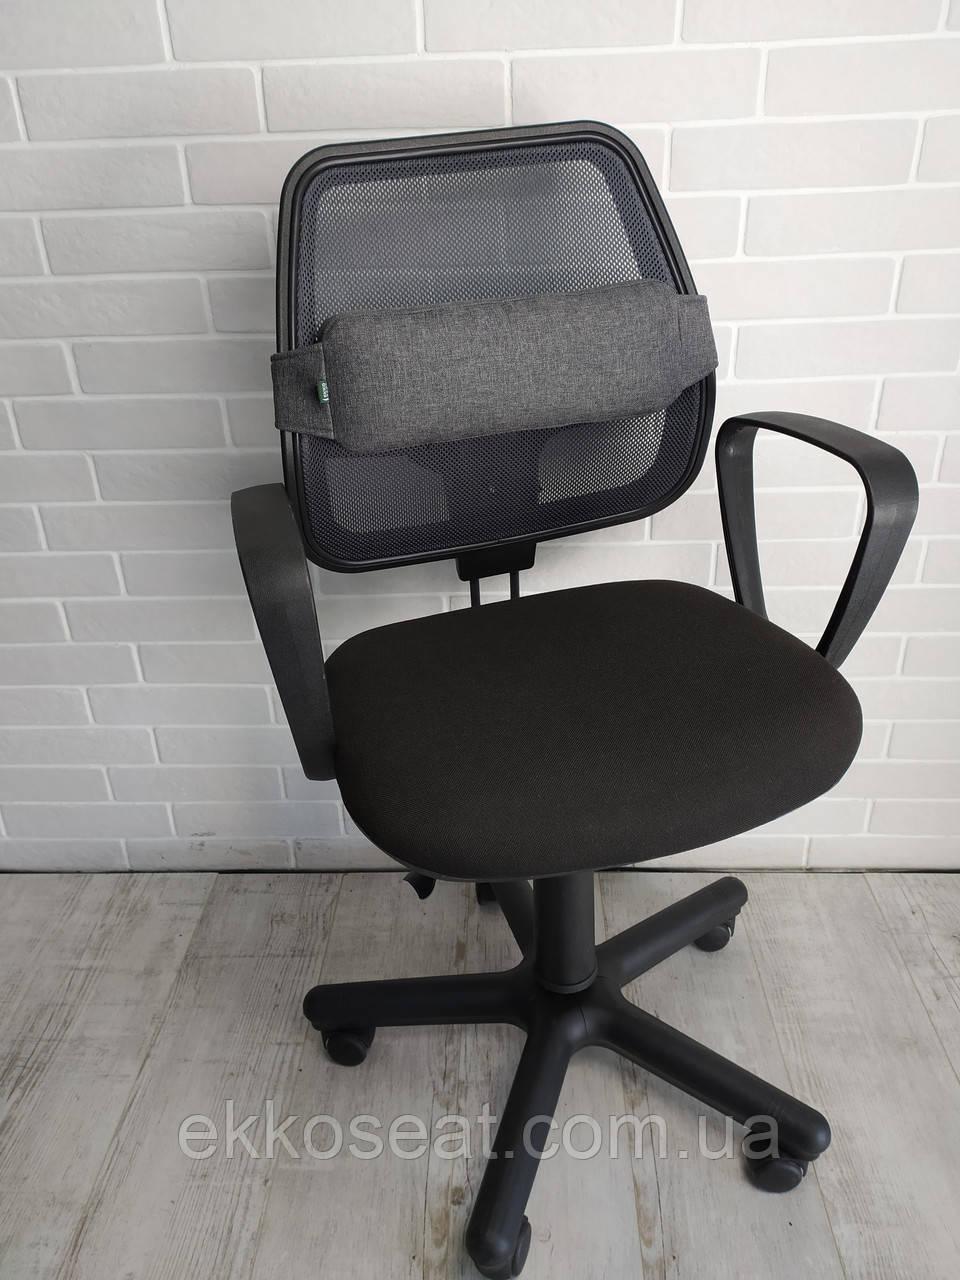 Ортопедичні подушки під спину і поперек EKKOSEAT для офісного крісла